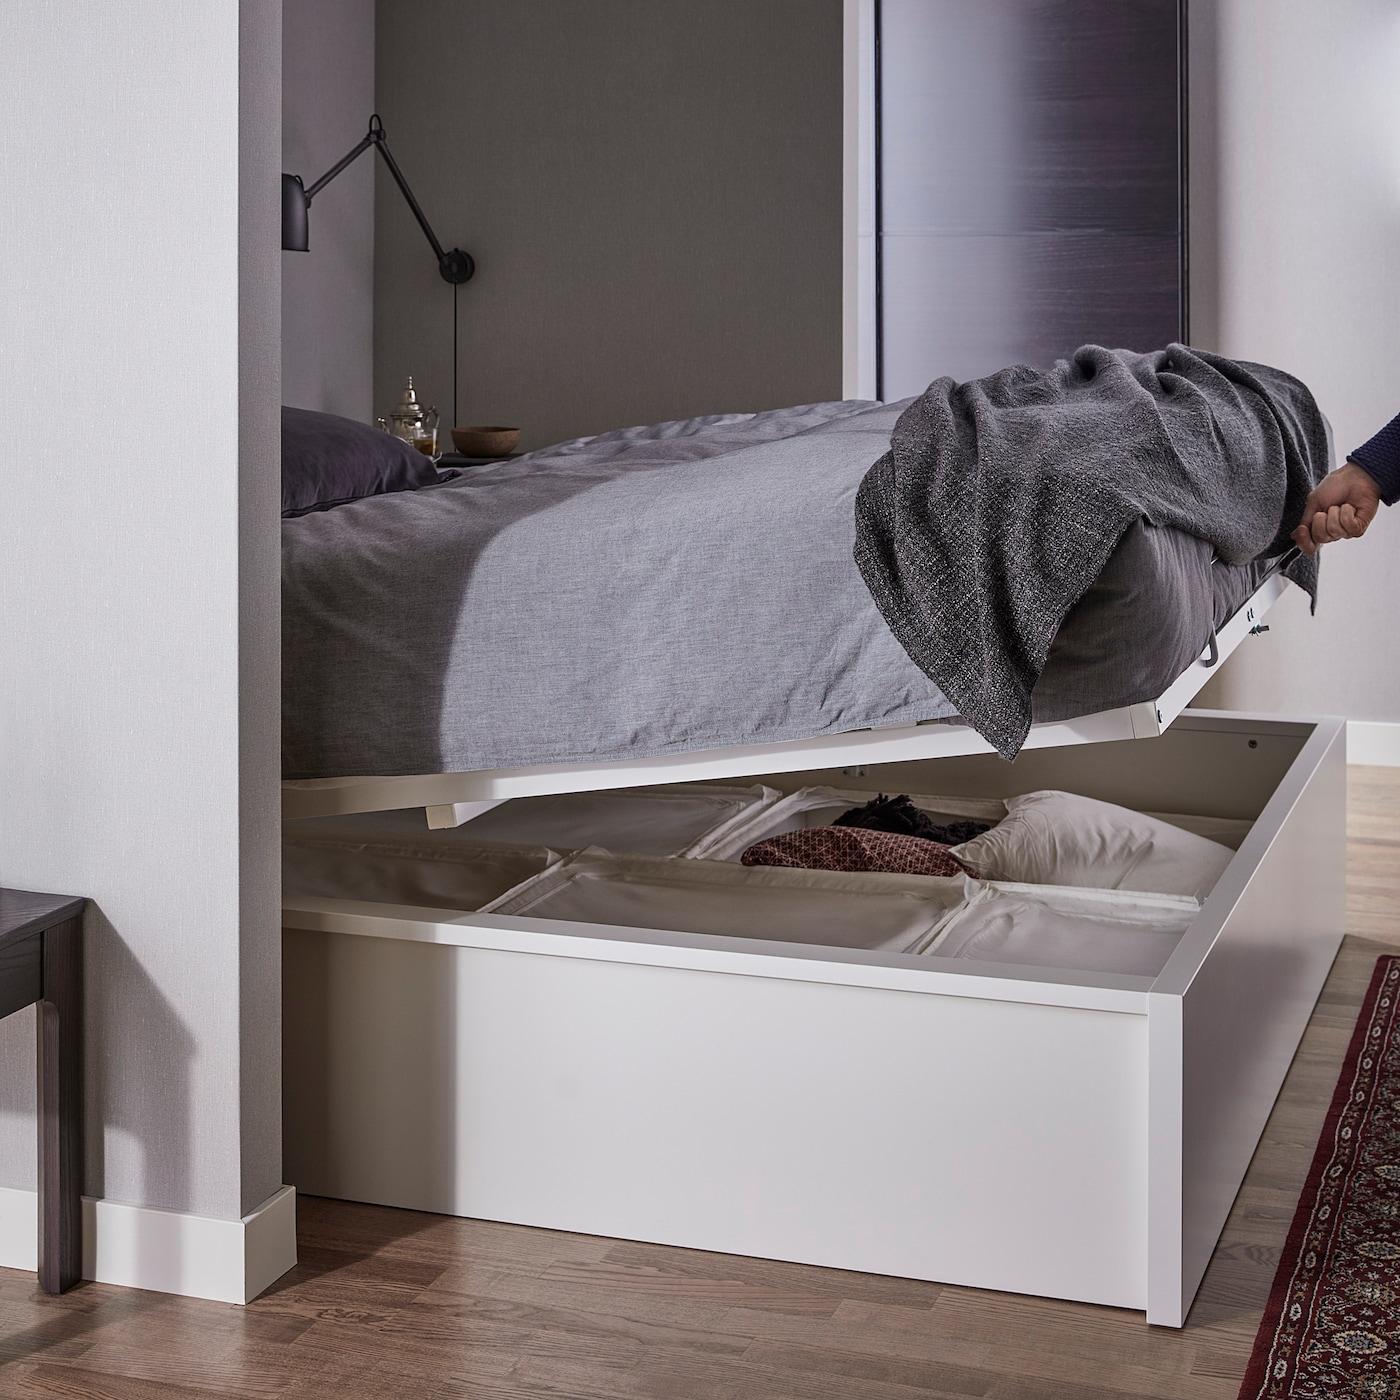 Full Size of Bett Mit Stauraum Ikea Selber Bauen Diy 90x200 140x200 160x200 180x200 Hack 120x200 Betten Viel Malm Bettgestell Aufbewahrung Wei Deutschland Rutsche Ohne Wohnzimmer Bett Mit Stauraum Ikea